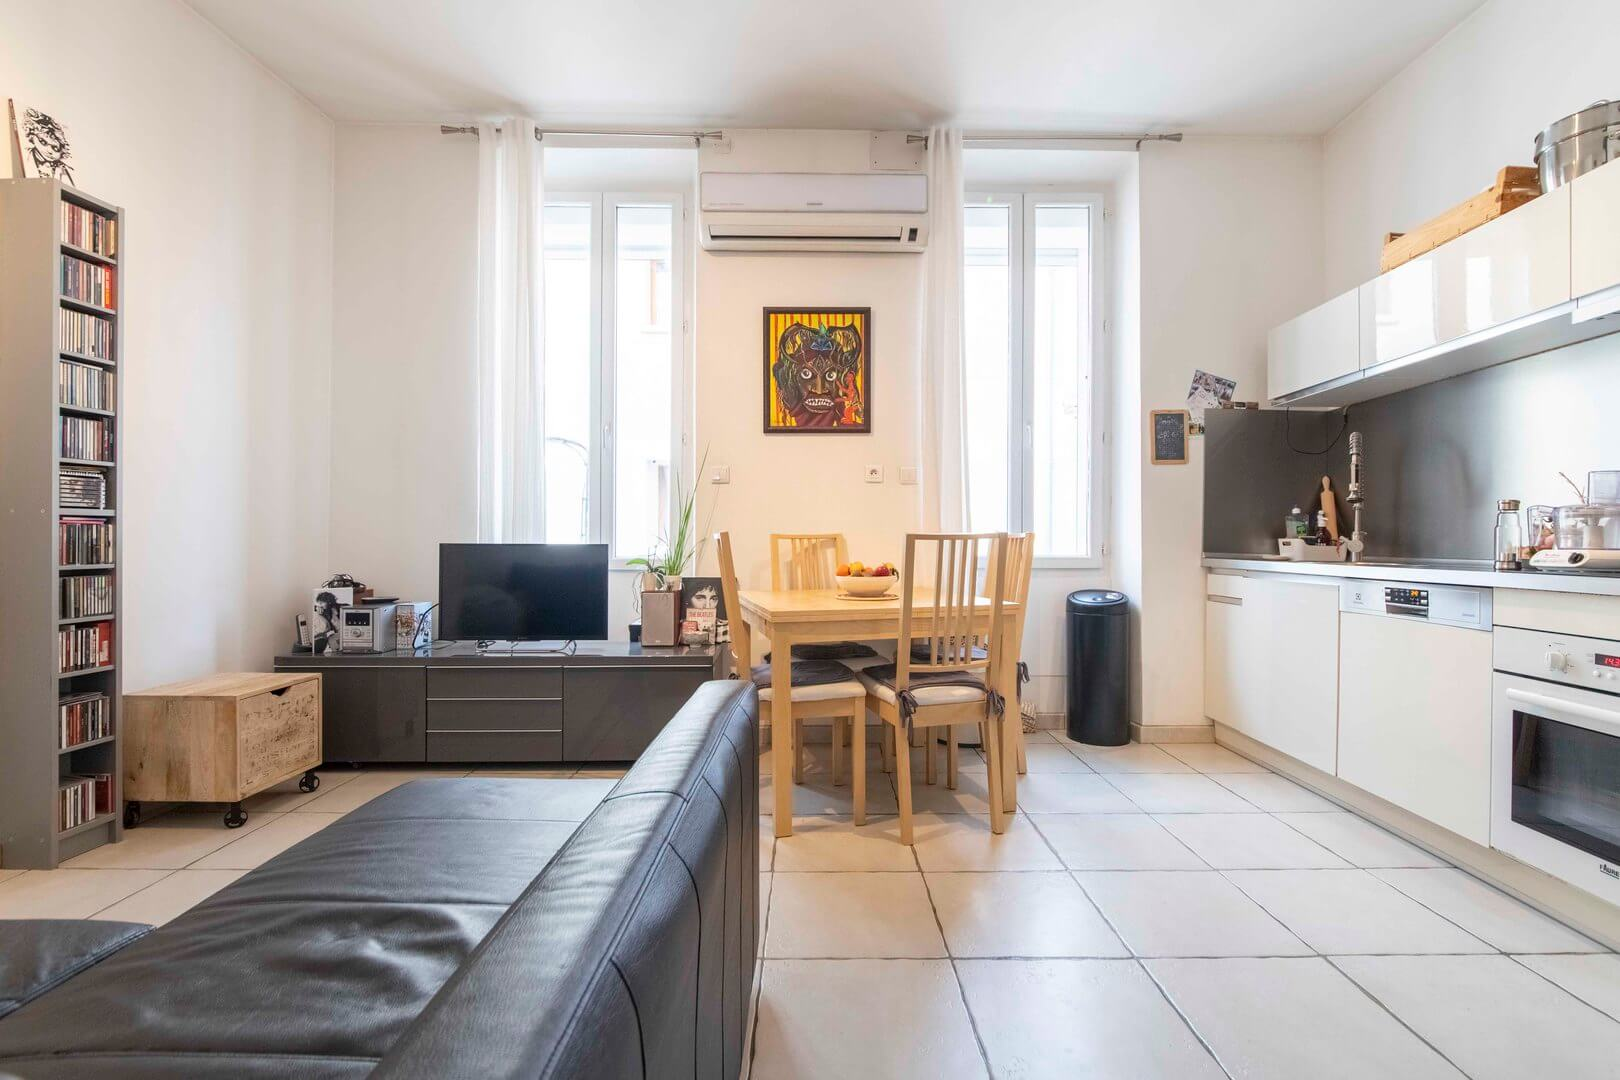 Homki - Vente Maison de ville  de 85.0 m² à Martigues 13500